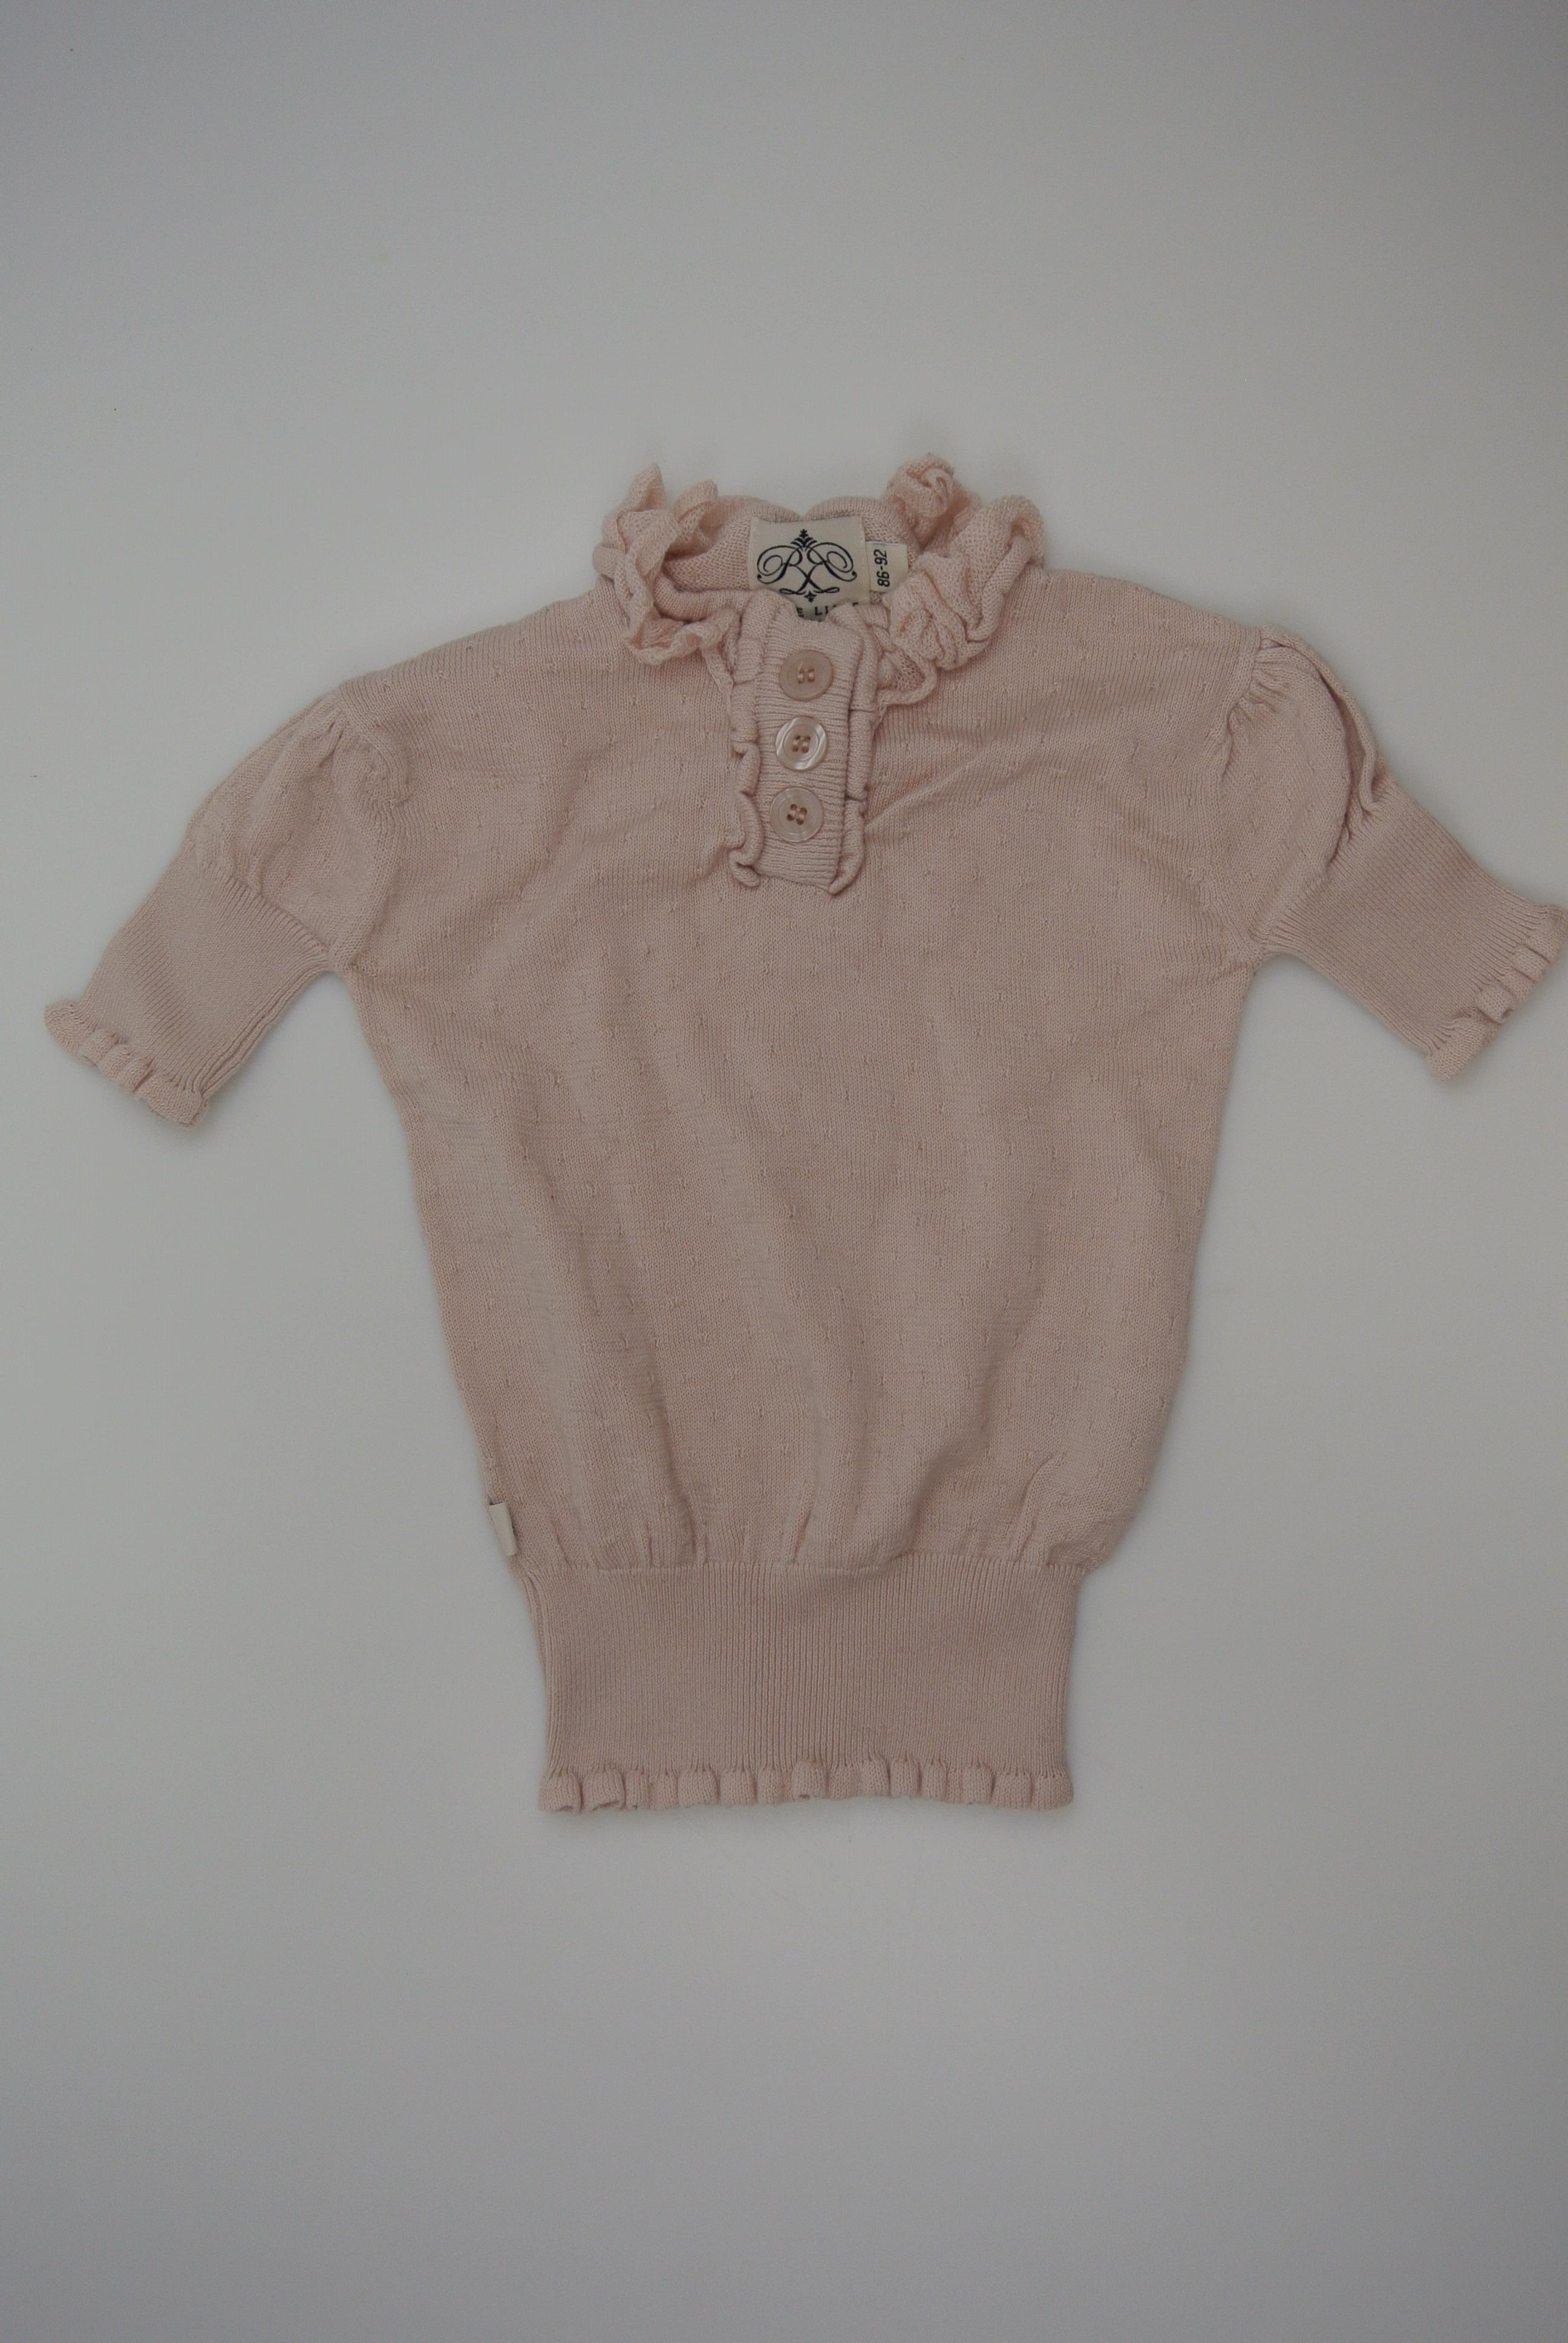 Rose Lille t-shirt str 86/92 pige